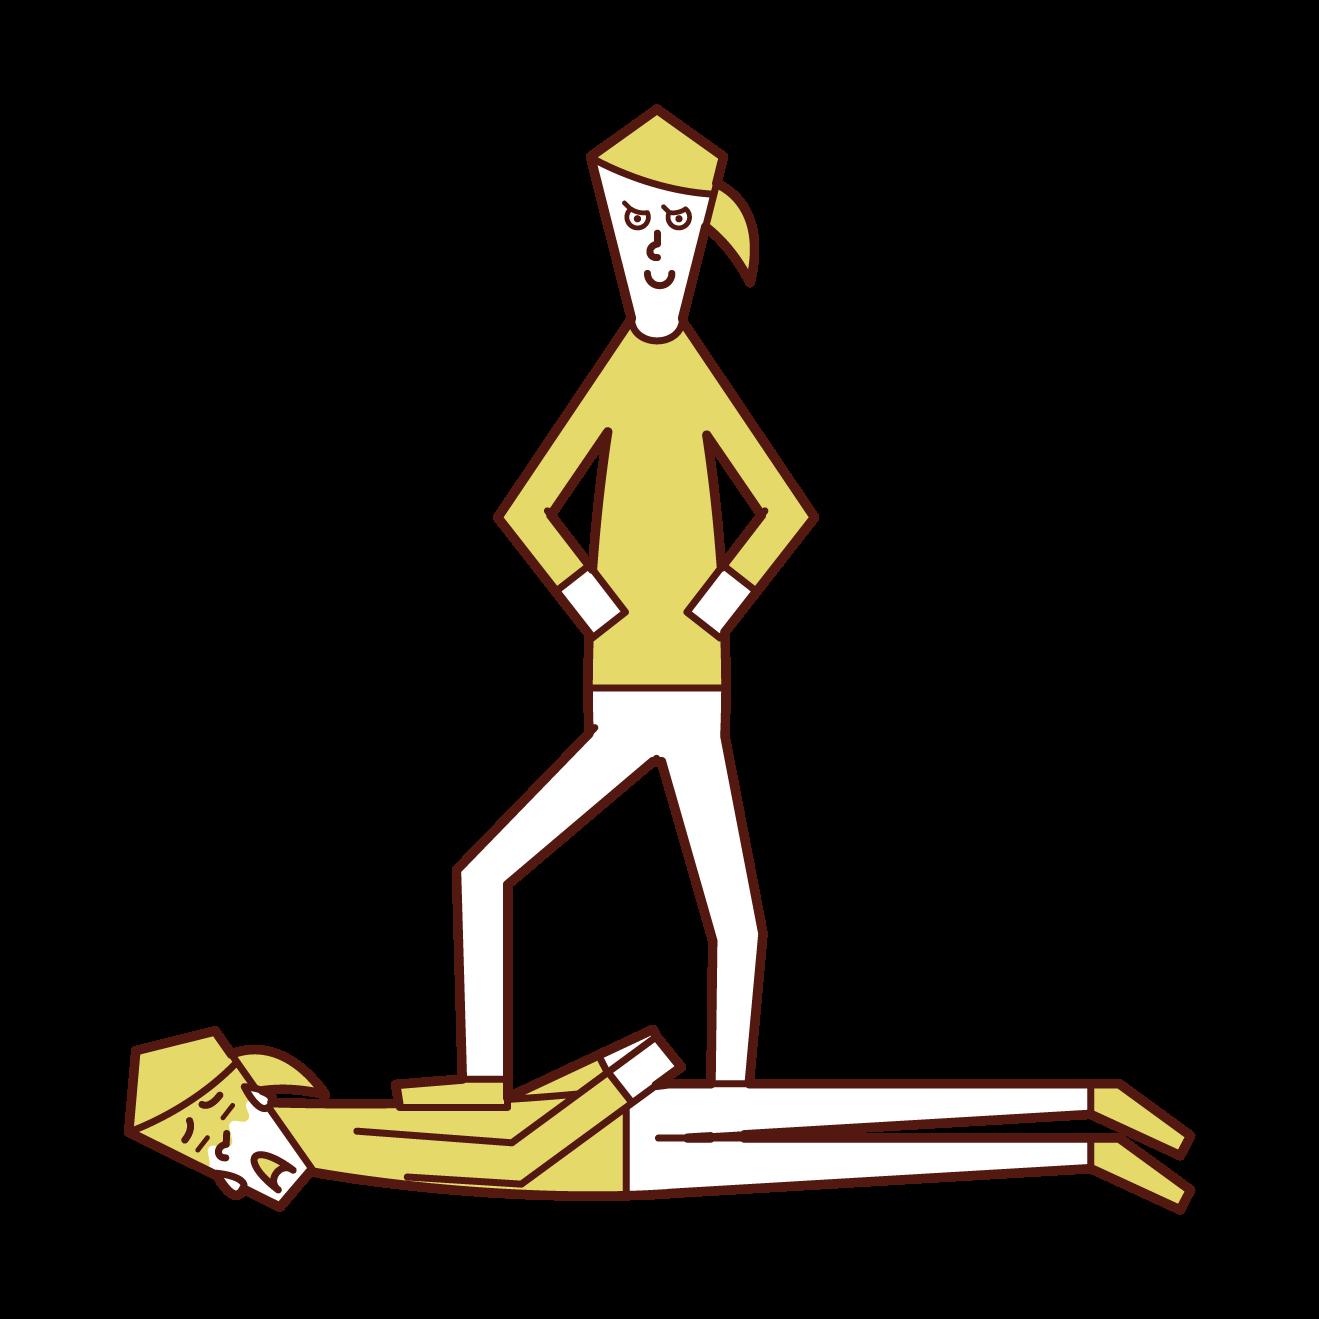 屈服的人(女性)的插圖